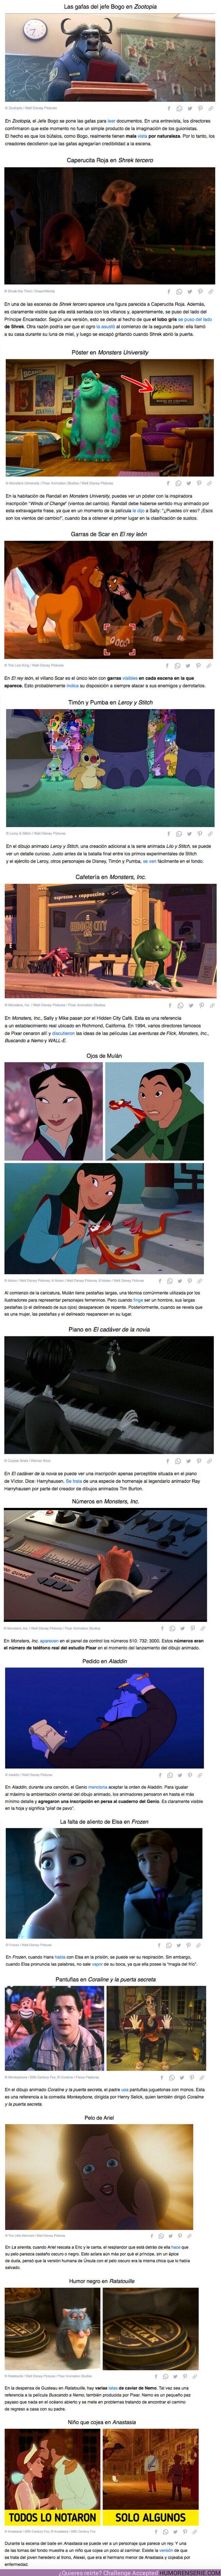 67278 - GALERÍA: 15 Curiosos datos que los creadores escondieron magistralmente en los dibujos animados